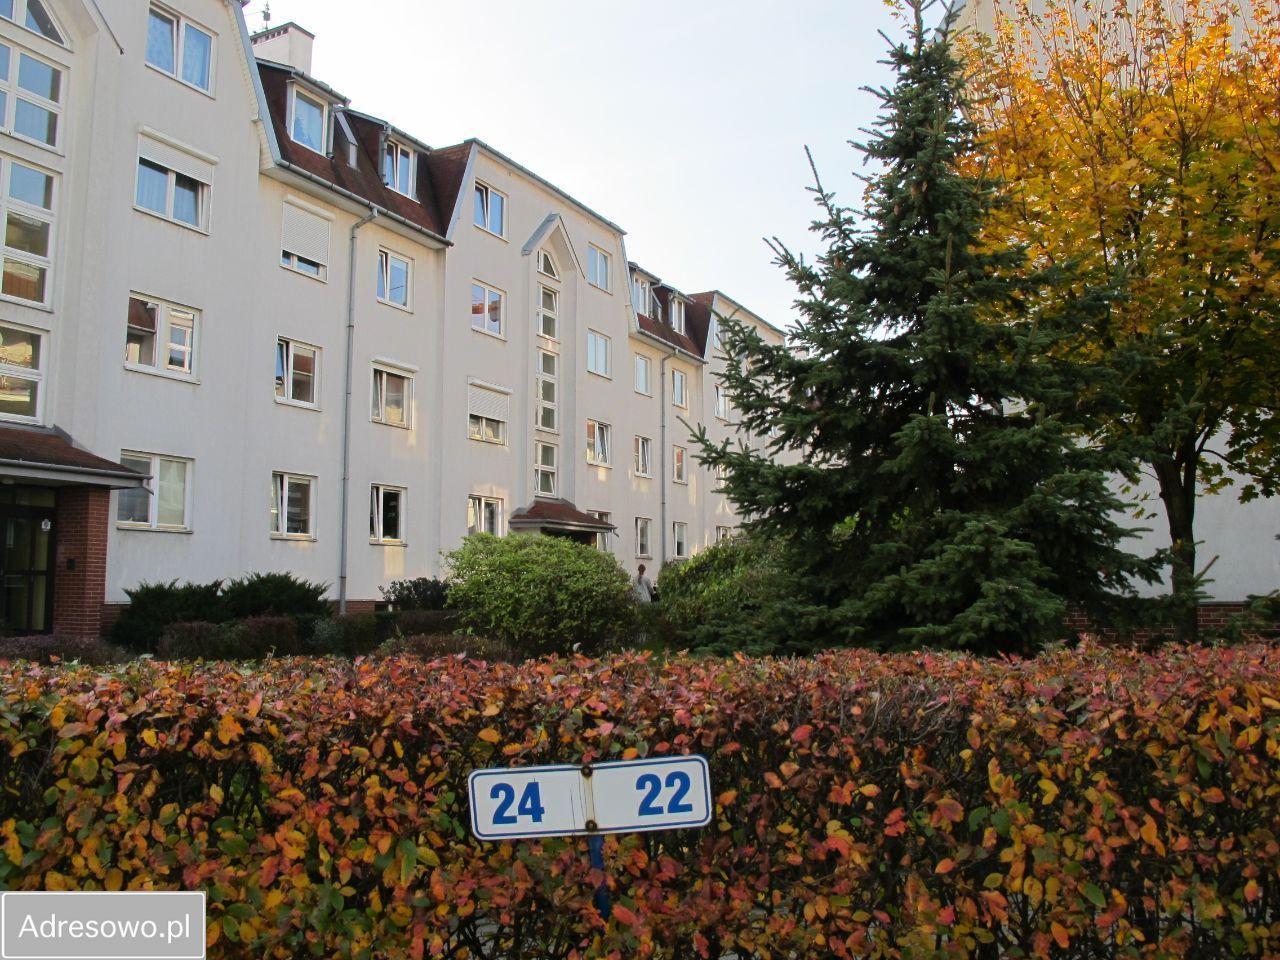 Mieszkanie 3-pokojowe Warszawa Ochota, ul. Włodarzewska